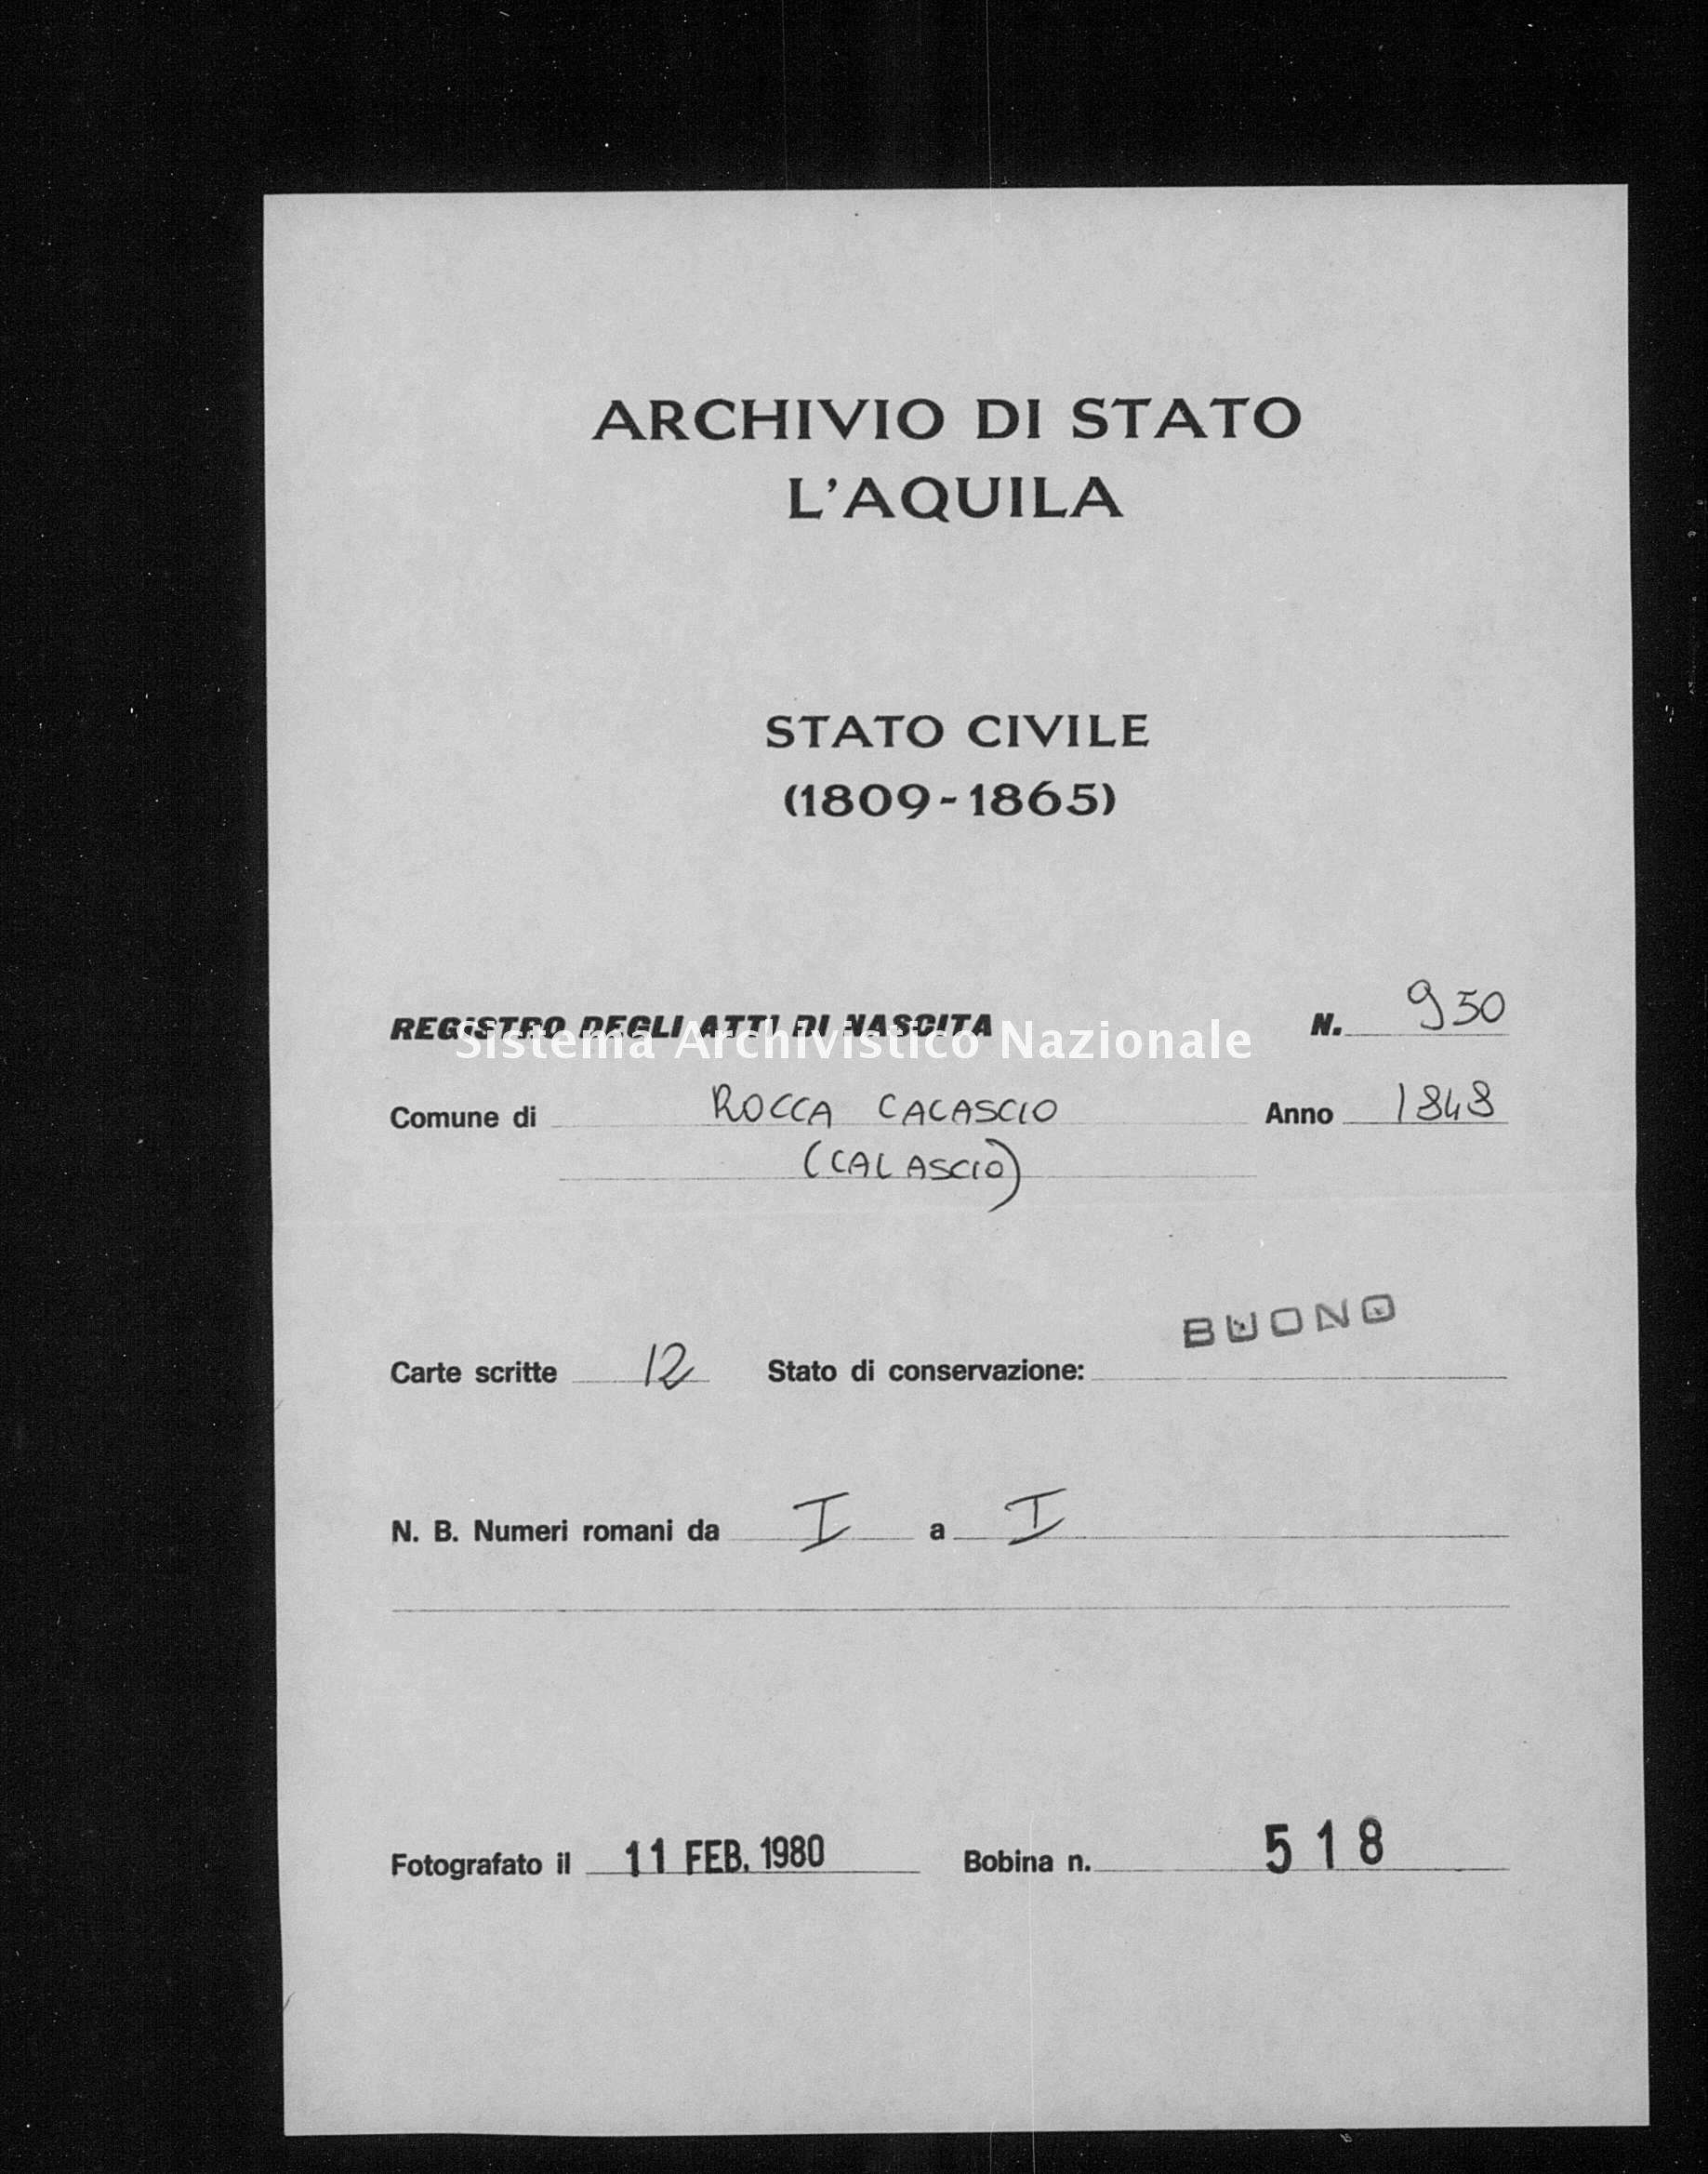 Archivio di stato di L'aquila - Stato civile della restaurazione - Rocca Calascio - Nati - 1848 - 950 -